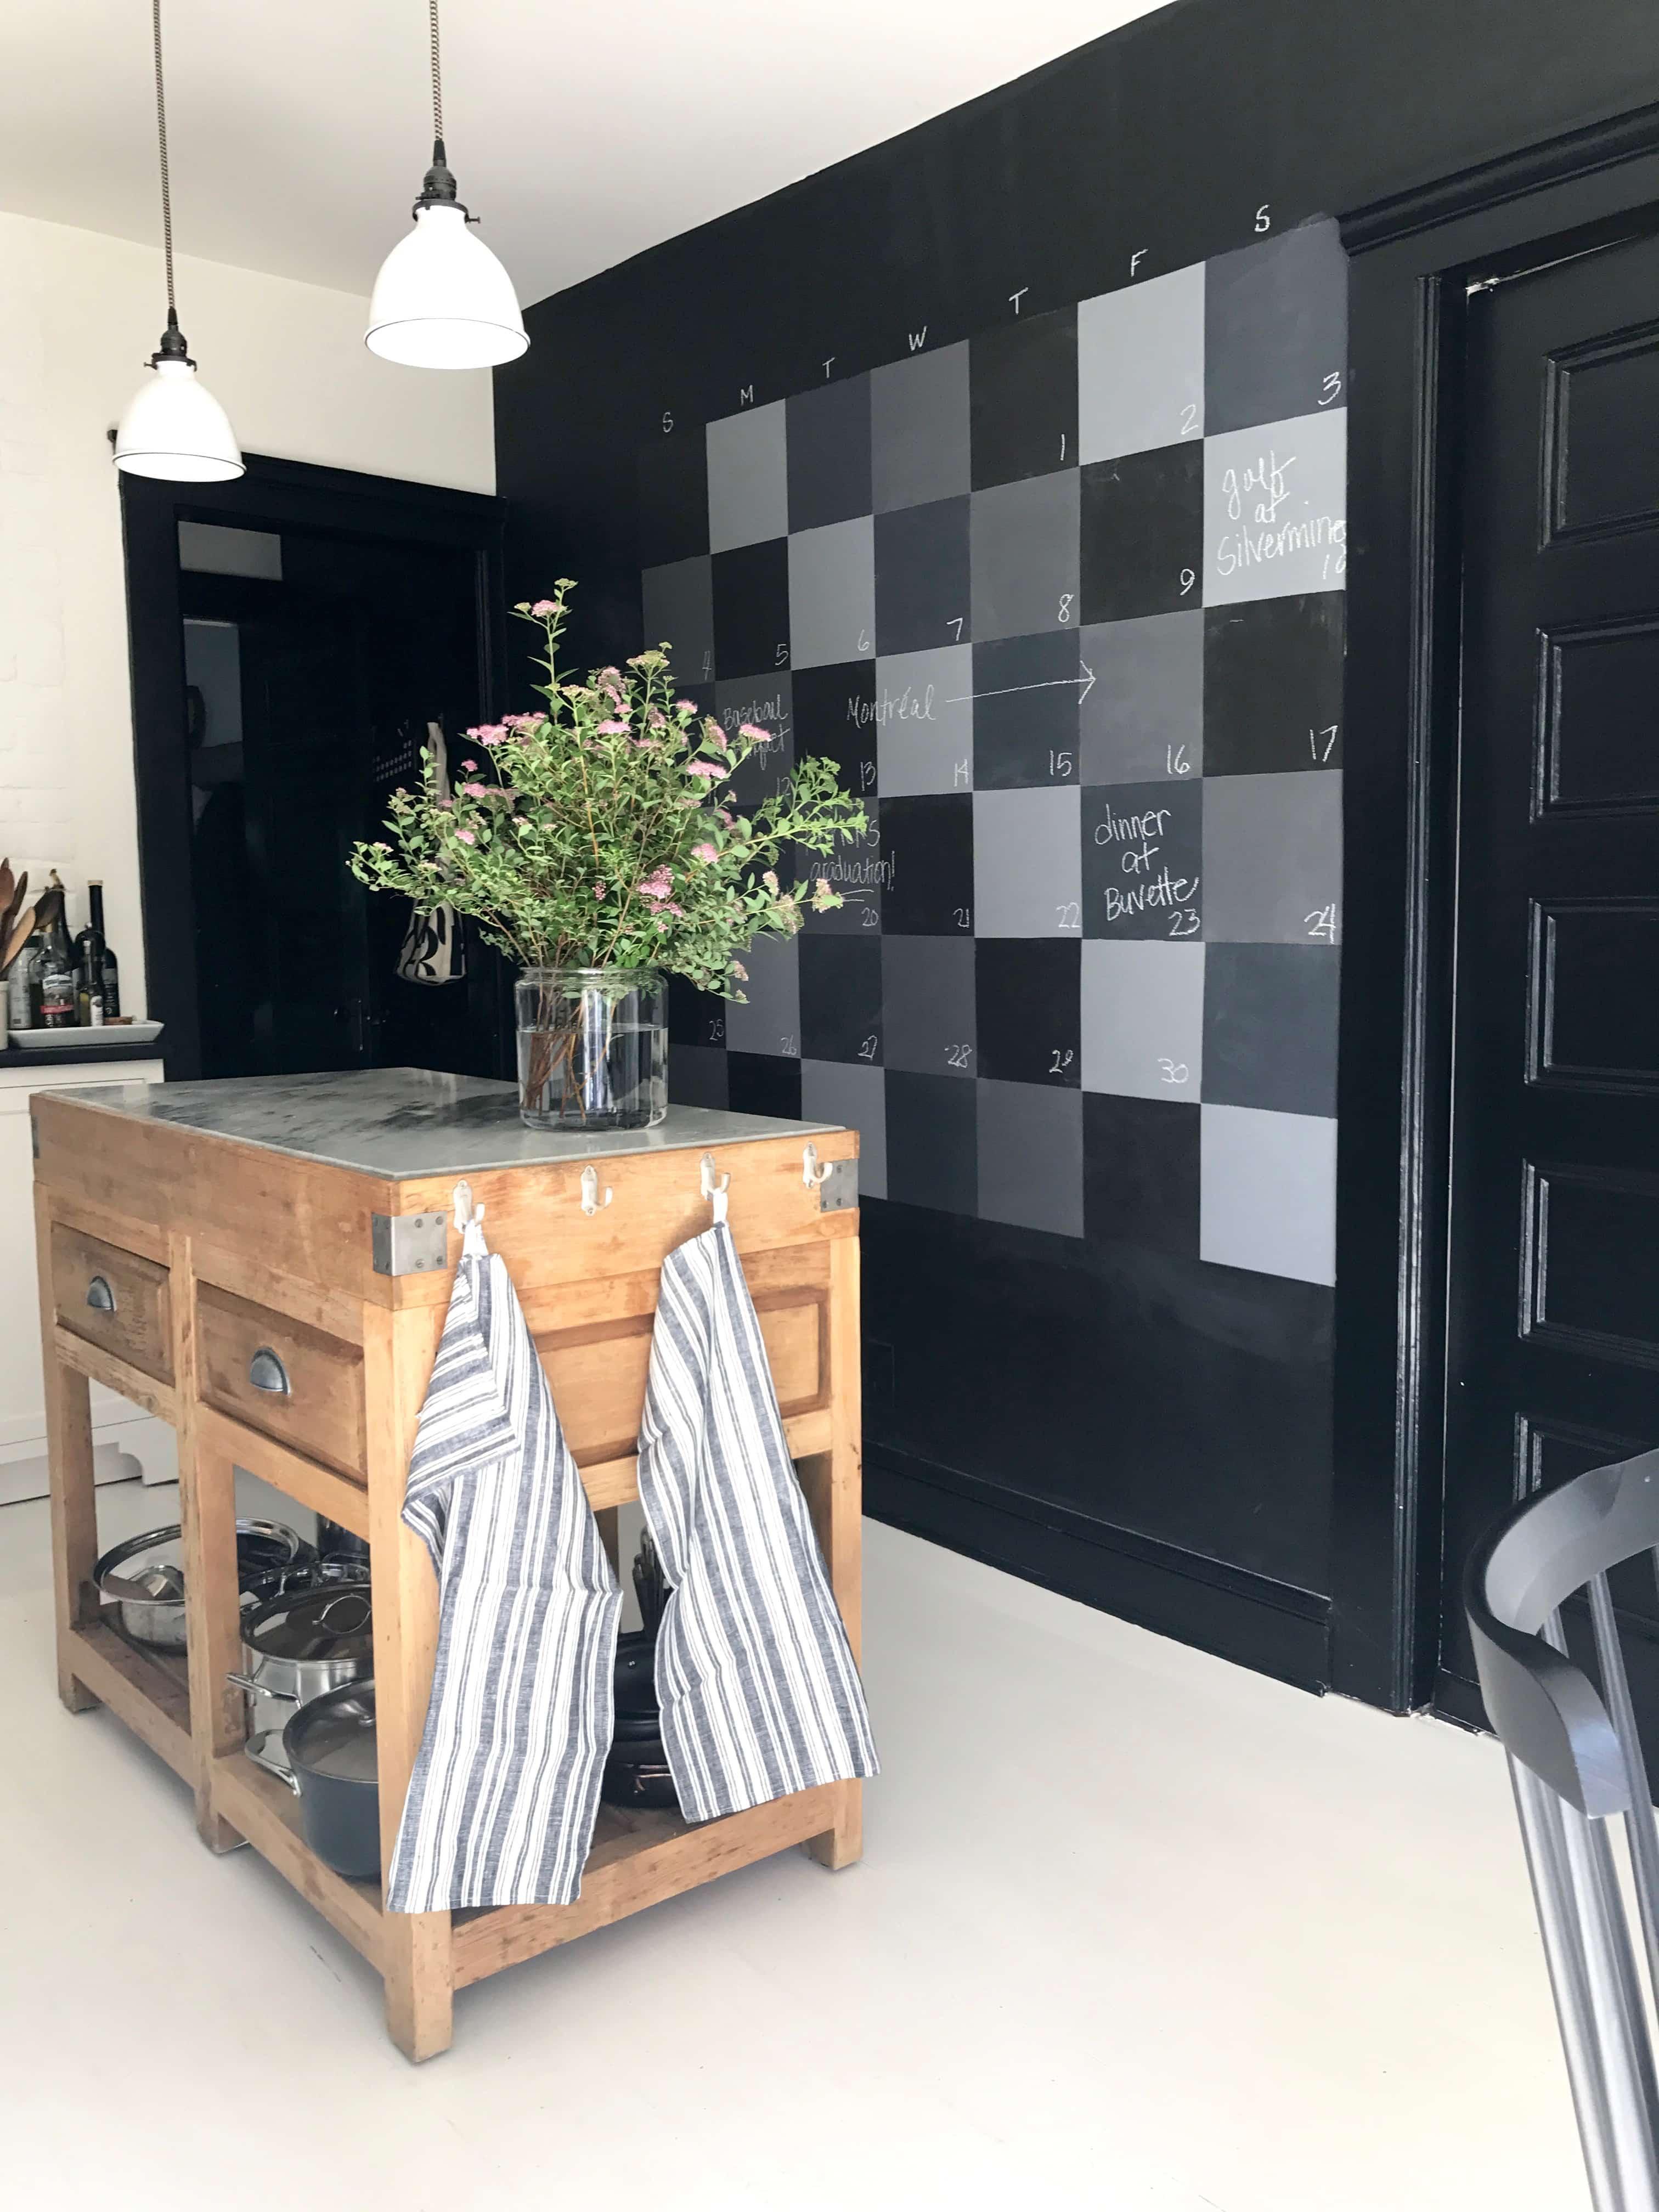 DIY Checkerboard Chalkboard Wall